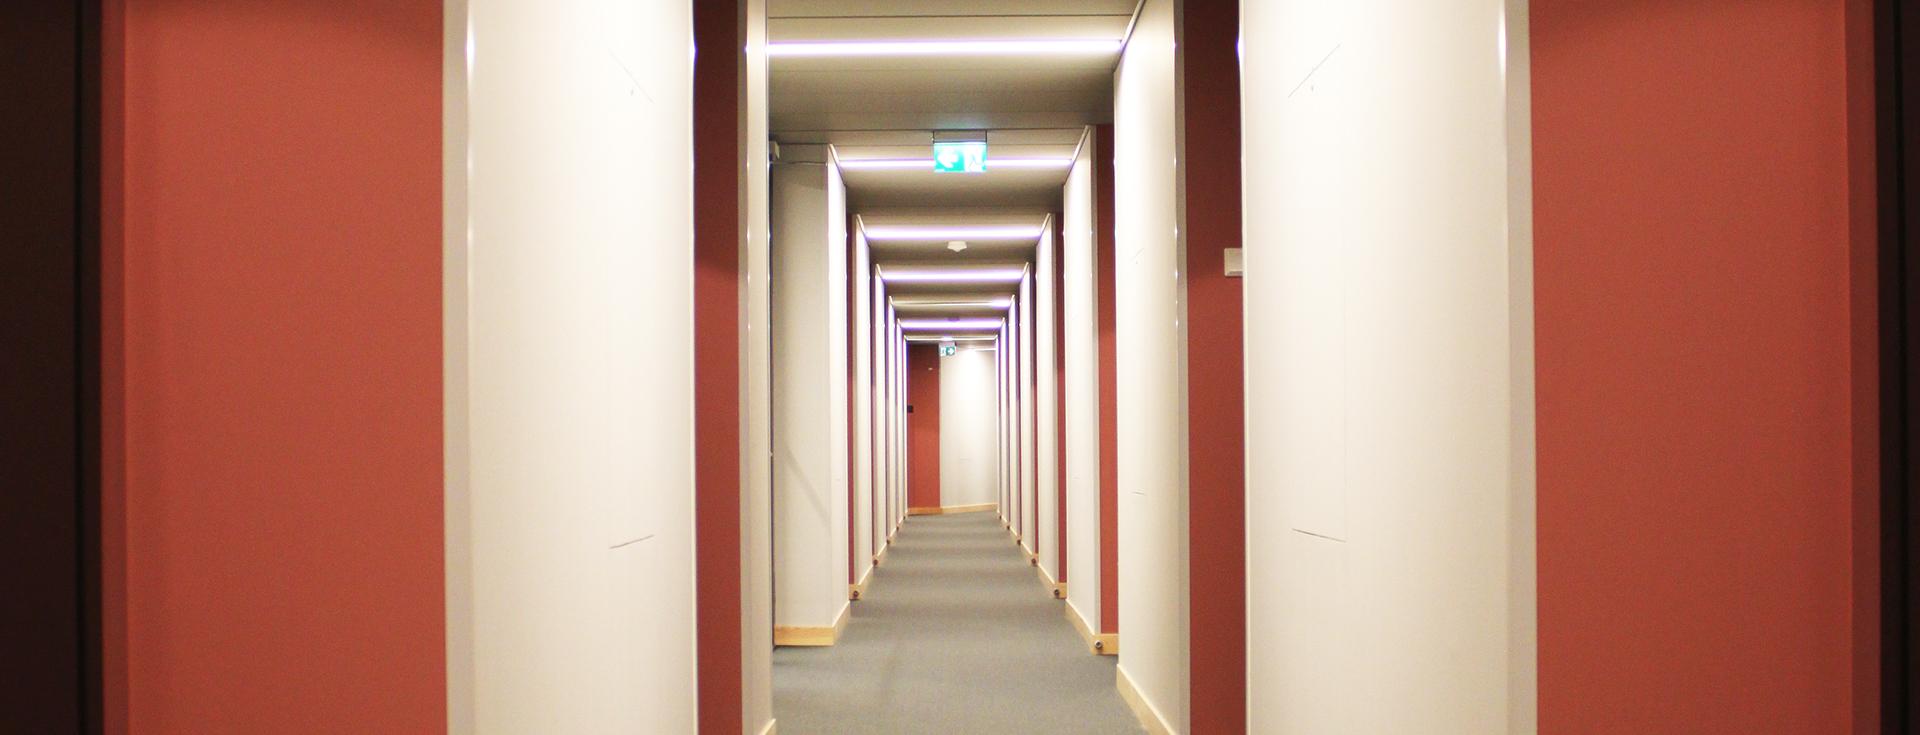 Korridor-KTH-Rocks-1920-735